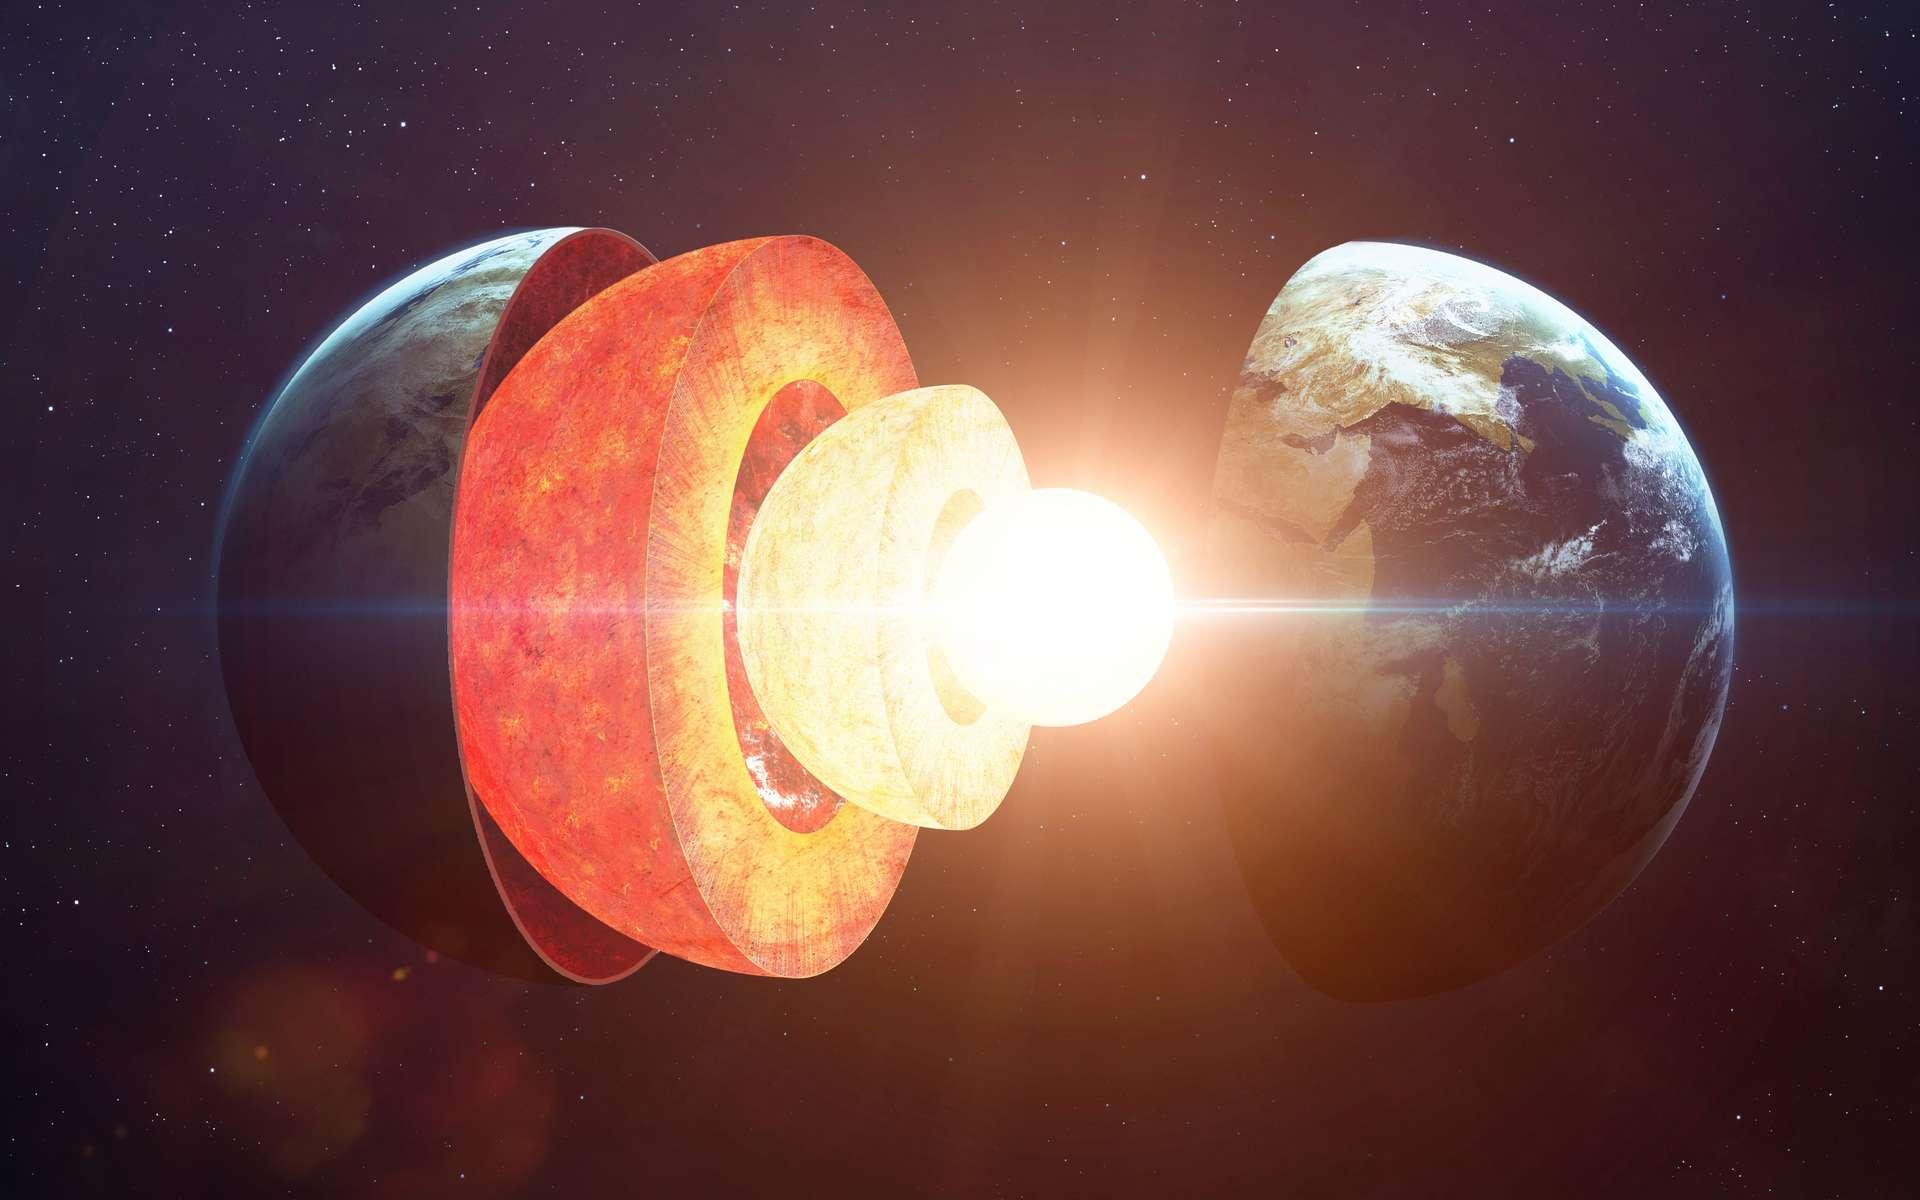 Représentation des différentes strates de la Terre, de la croûte au noyau interne. ©Adobe Stock